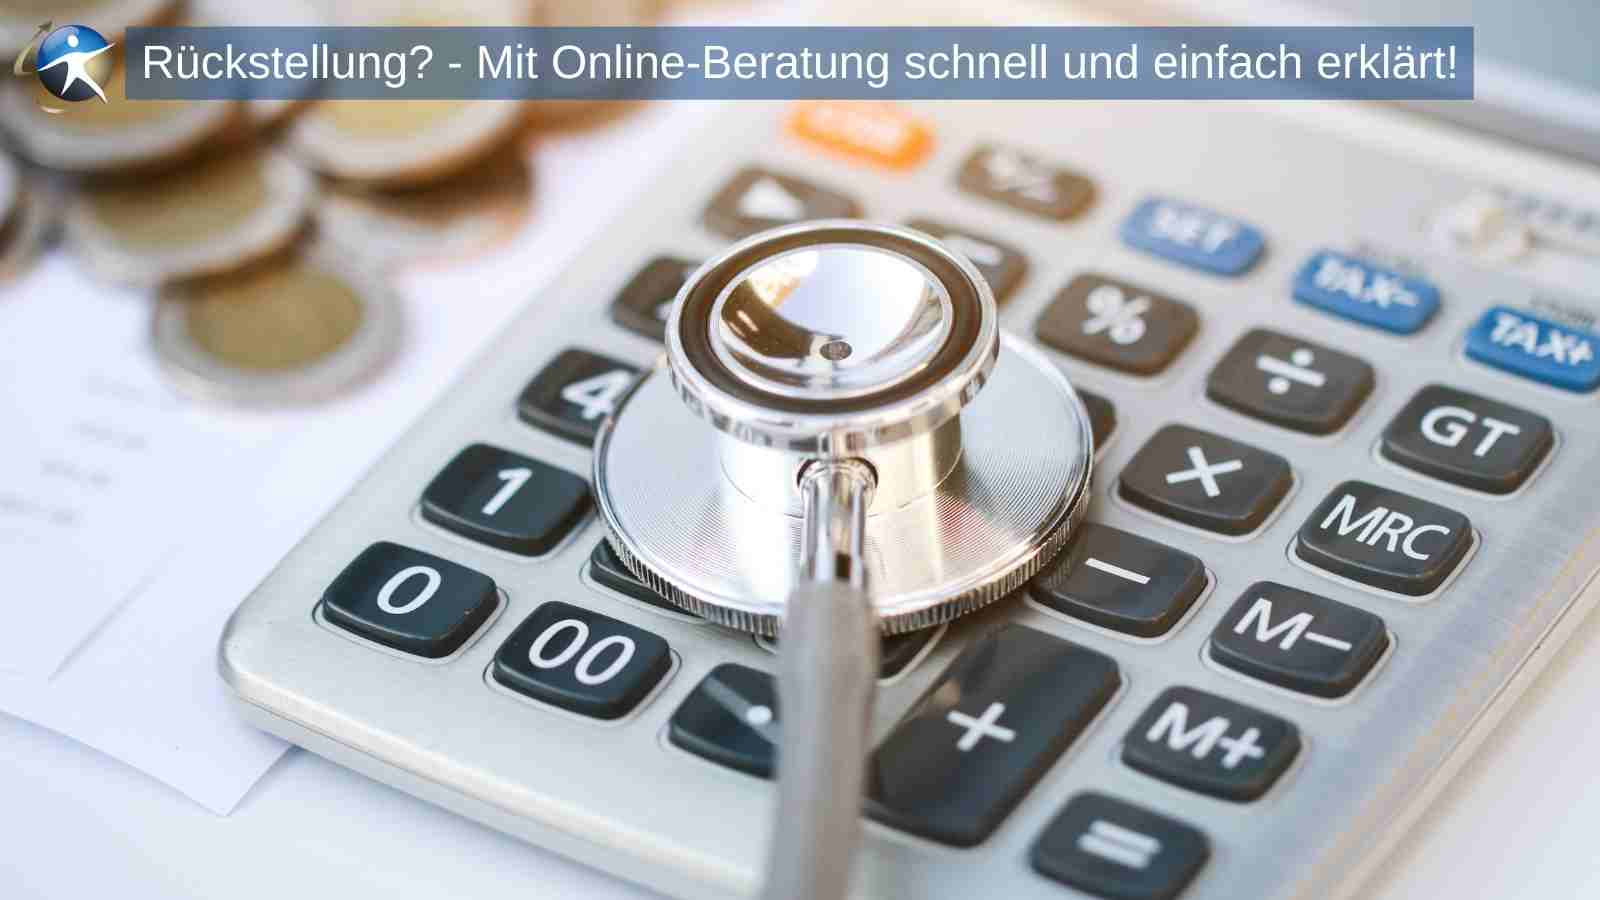 Auch komplexe Zusammenhänge in der Privaten Krankenversicherung lassen sich mit Online-Beratung klären